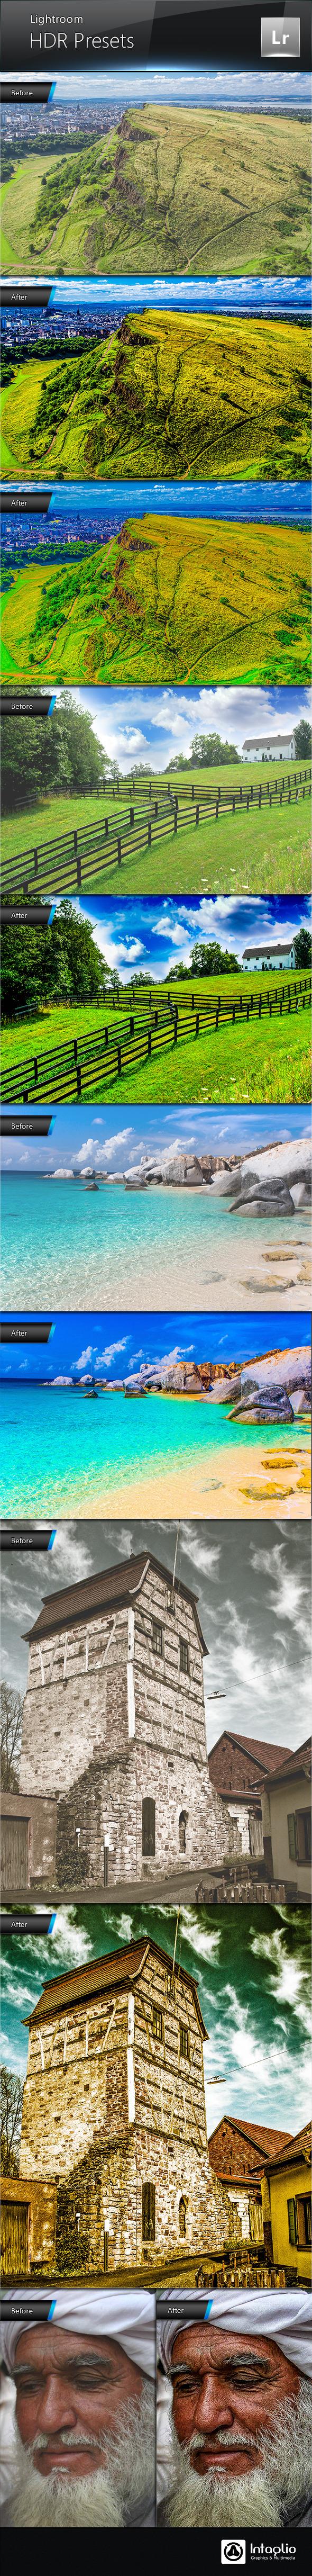 HDR Presets for Lightroom - HDR Lightroom Presets